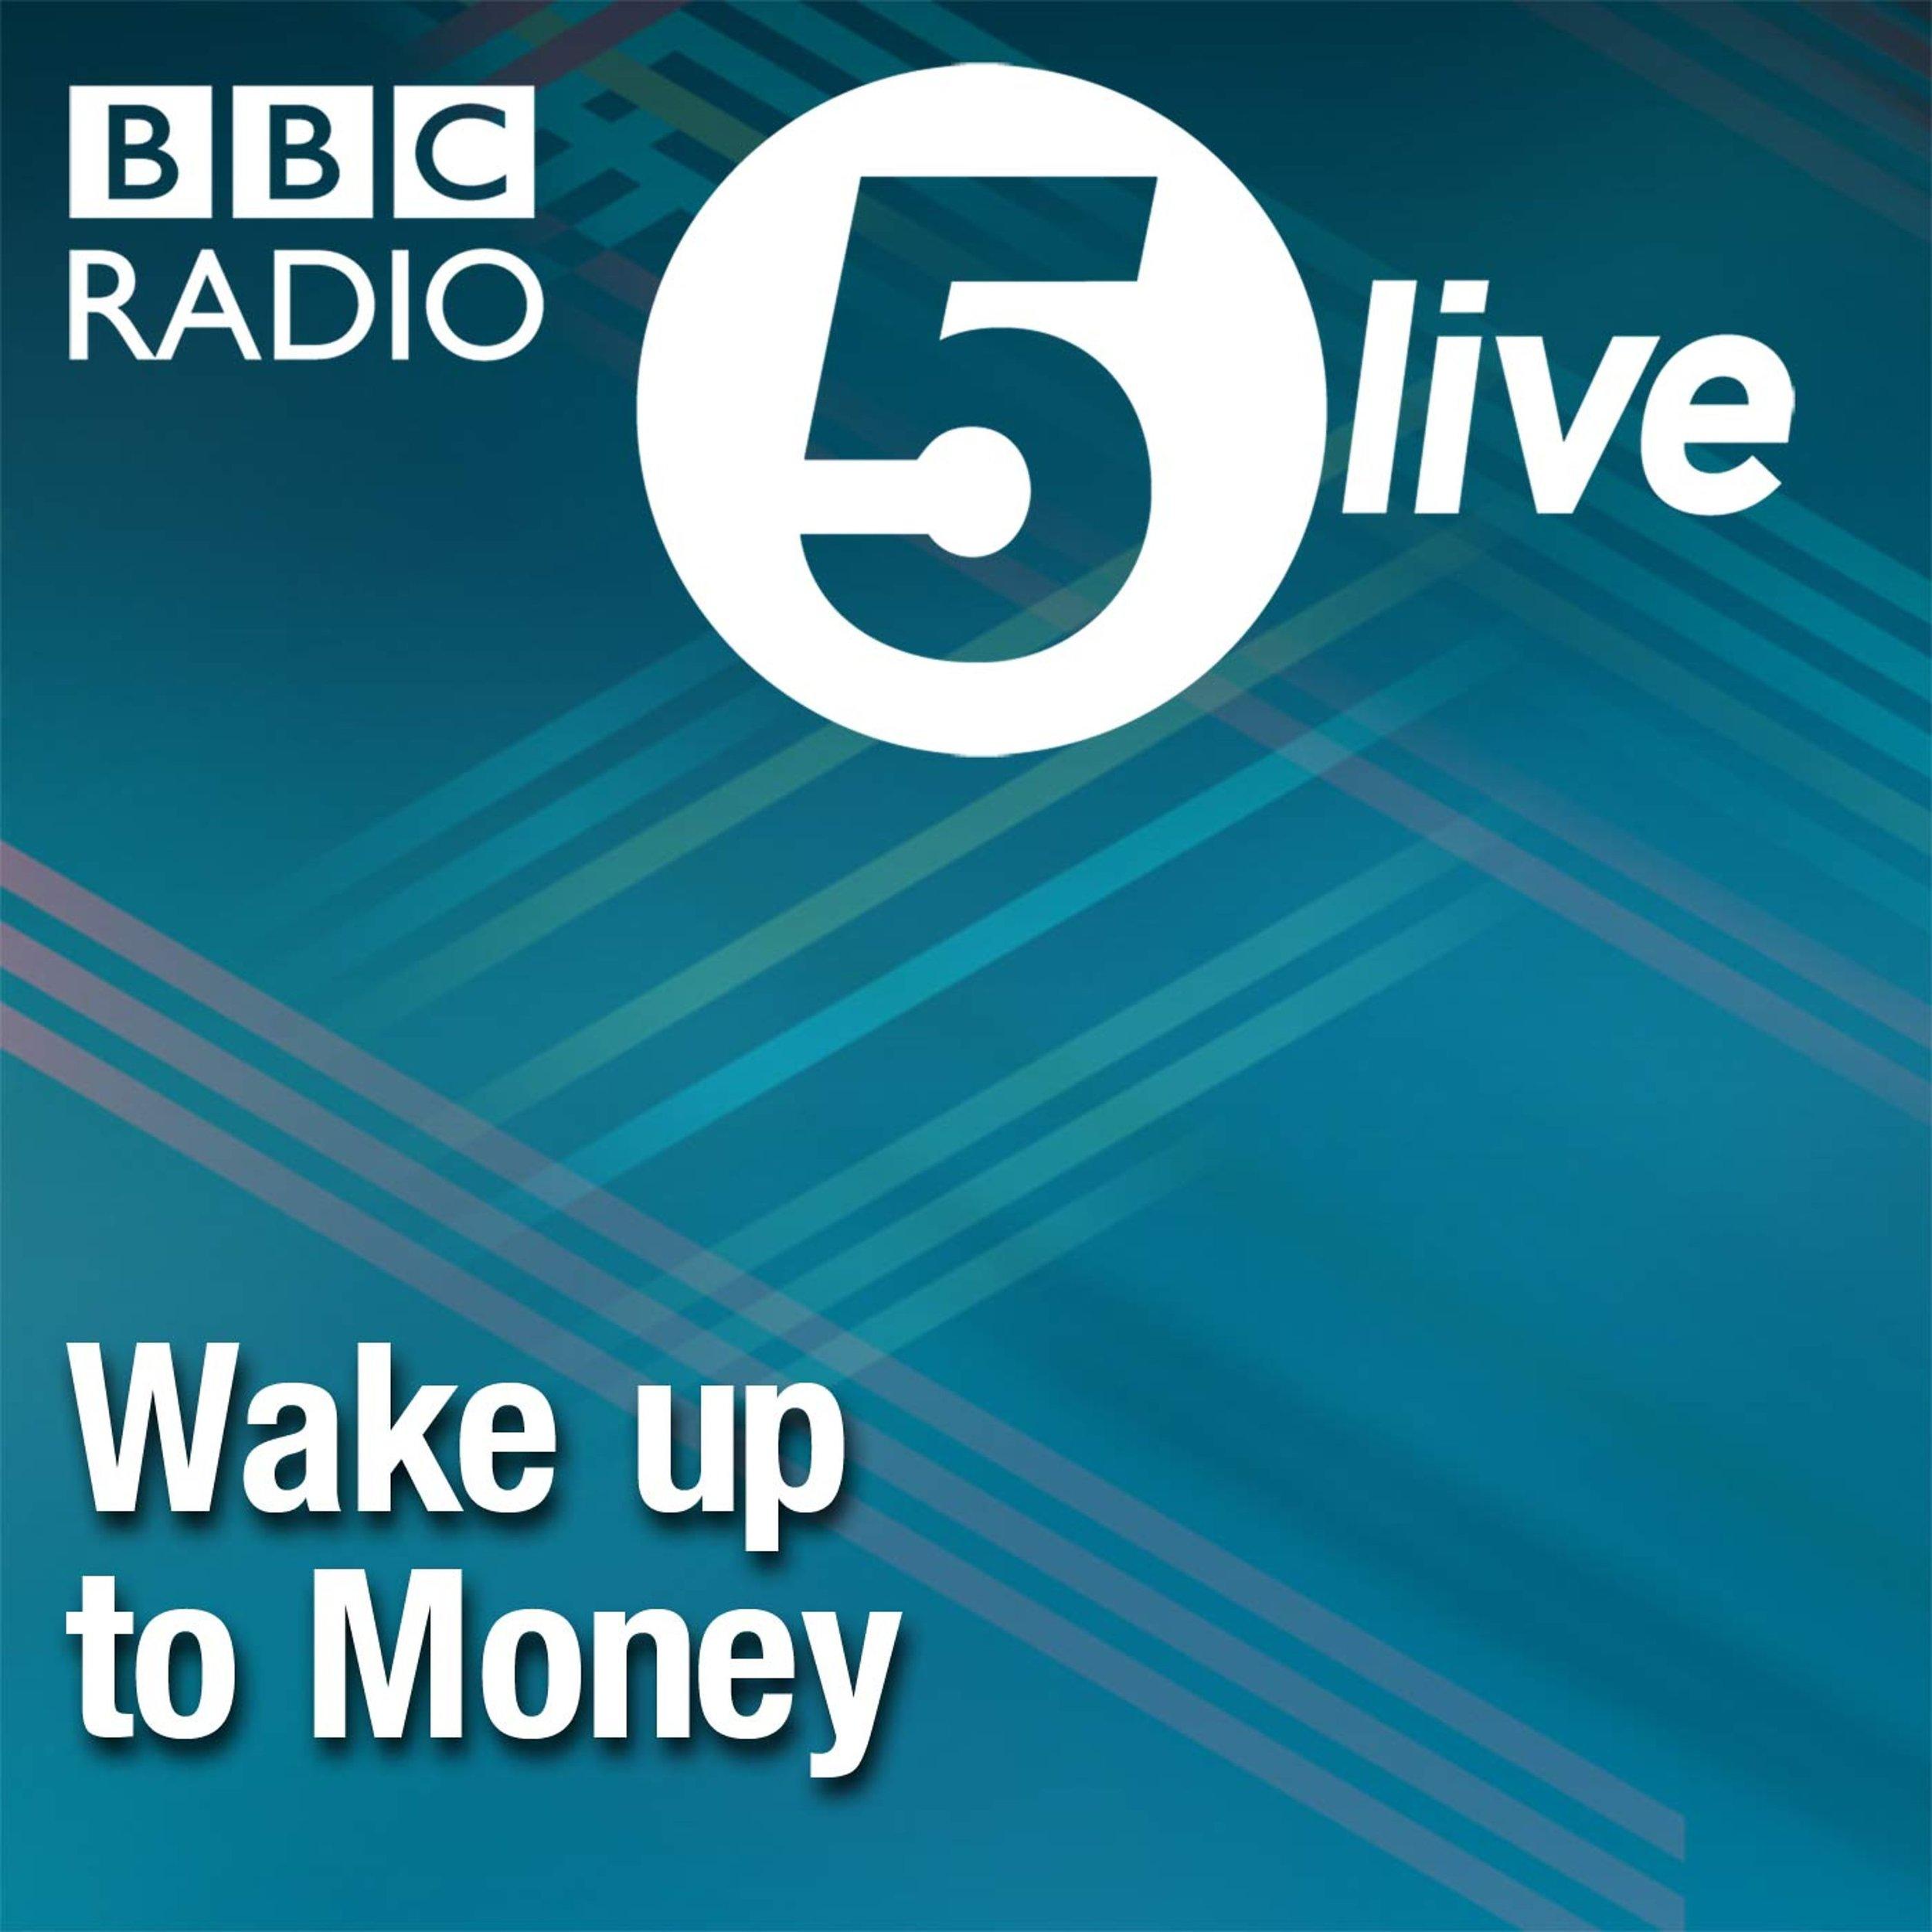 Wake up to the money.jpg